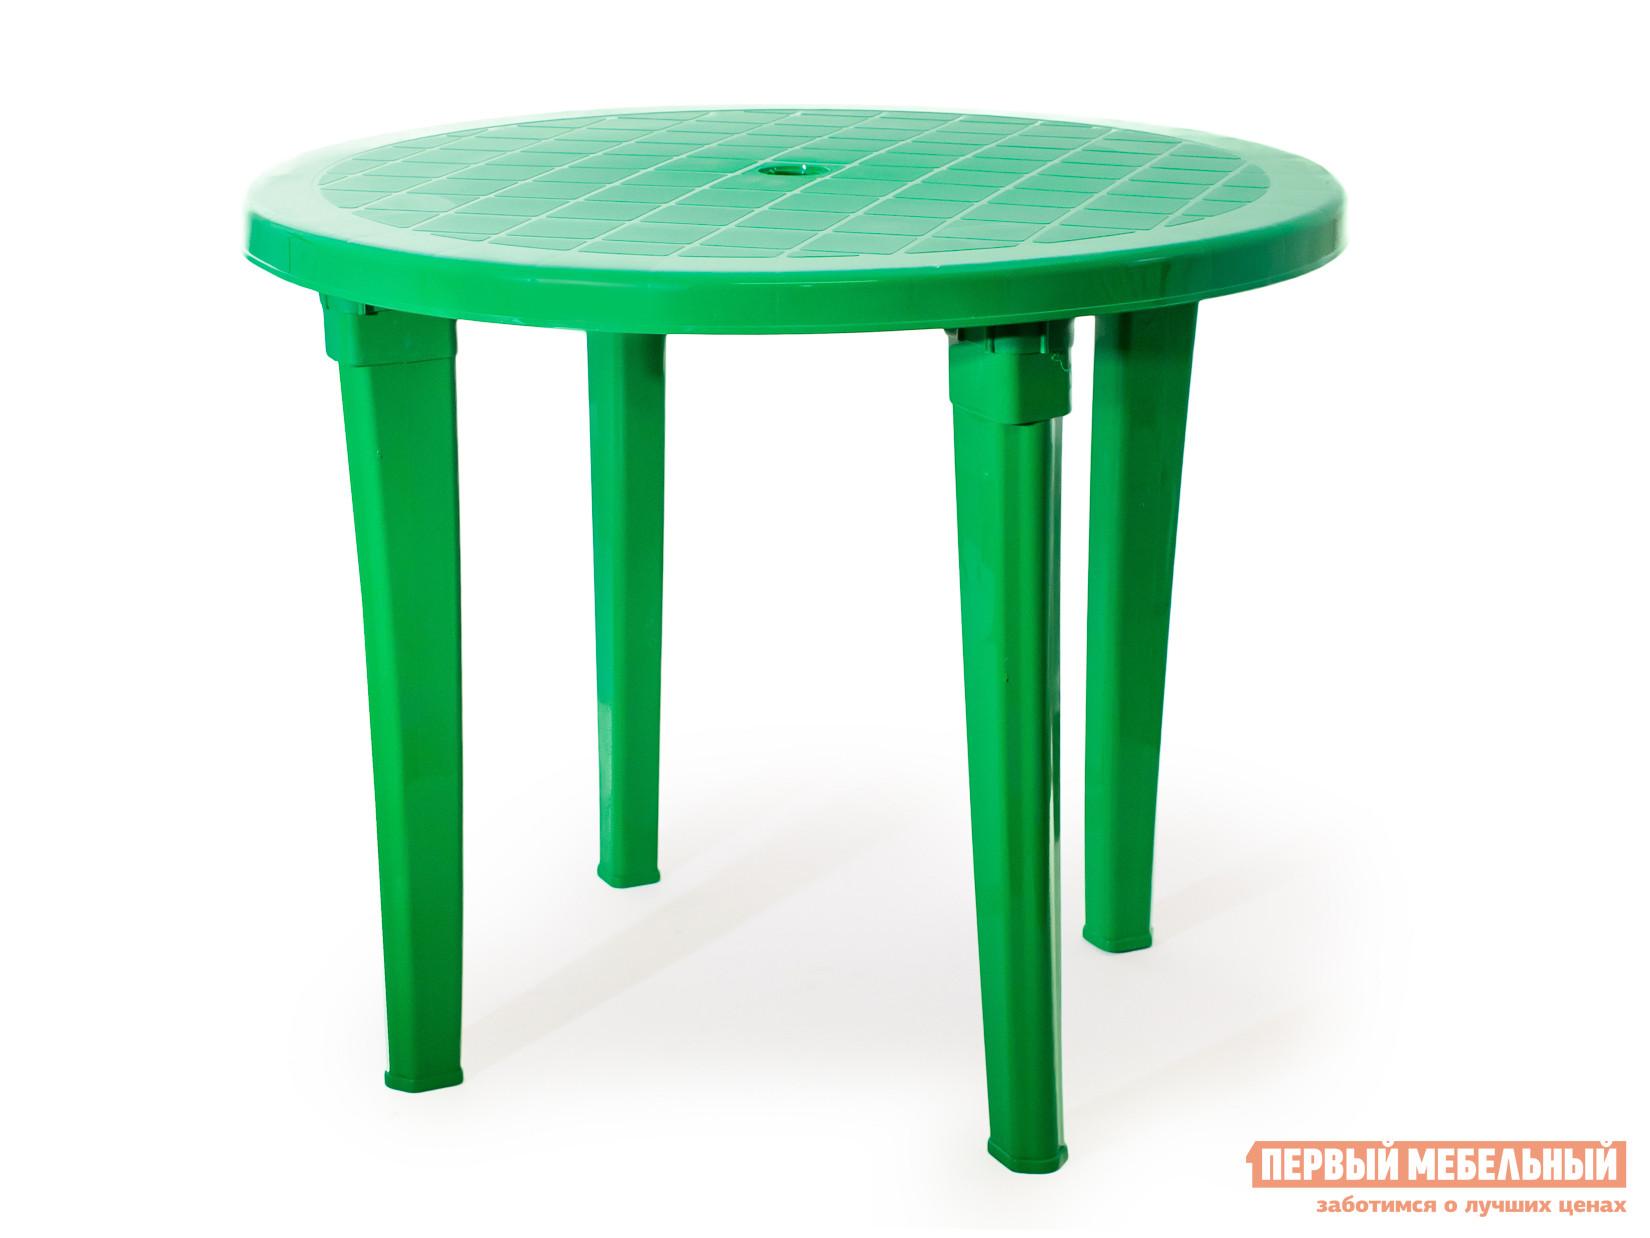 Пластиковый стол ЭЛП Стол круглый ЗеленыйПластиковые столы<br>Габаритные размеры ВхШхГ 740x950x950 мм. Яркий и практичный круглый стол Пинто-2 будет уместен и на даче и в летнем кафе.  Большая столешница диаметром 950 мм позволит расположиться с комфортом всей компанией.  Её круглая форма очень выгодна в этом плане — отсутствие углов играет положительную роль, обеспечивая удобство всем сидящим. Пластик, из которого изготовлен стол, легкий и прочный.  За таким изделием очень легко ухаживать и можно совершенно не беспокоиться о том, что все лето на него будет то светить палящее солнце, то лить дождь, ведь ему совершенно все равно на капризы природы. Купить круглый стол Пинто-2 и многие другие демократичные предметы мебели для дачи можно в интернет-магазине «Купистол» на выгодных условиях и с удобной доставкой.<br><br>Цвет: Зеленый<br>Высота мм: 740<br>Ширина мм: 950<br>Глубина мм: 950<br>Кол-во упаковок: 1<br>Форма поставки: В разобранном виде<br>Срок гарантии: 1 год<br>Форма: Круглые<br>Размер: Большие